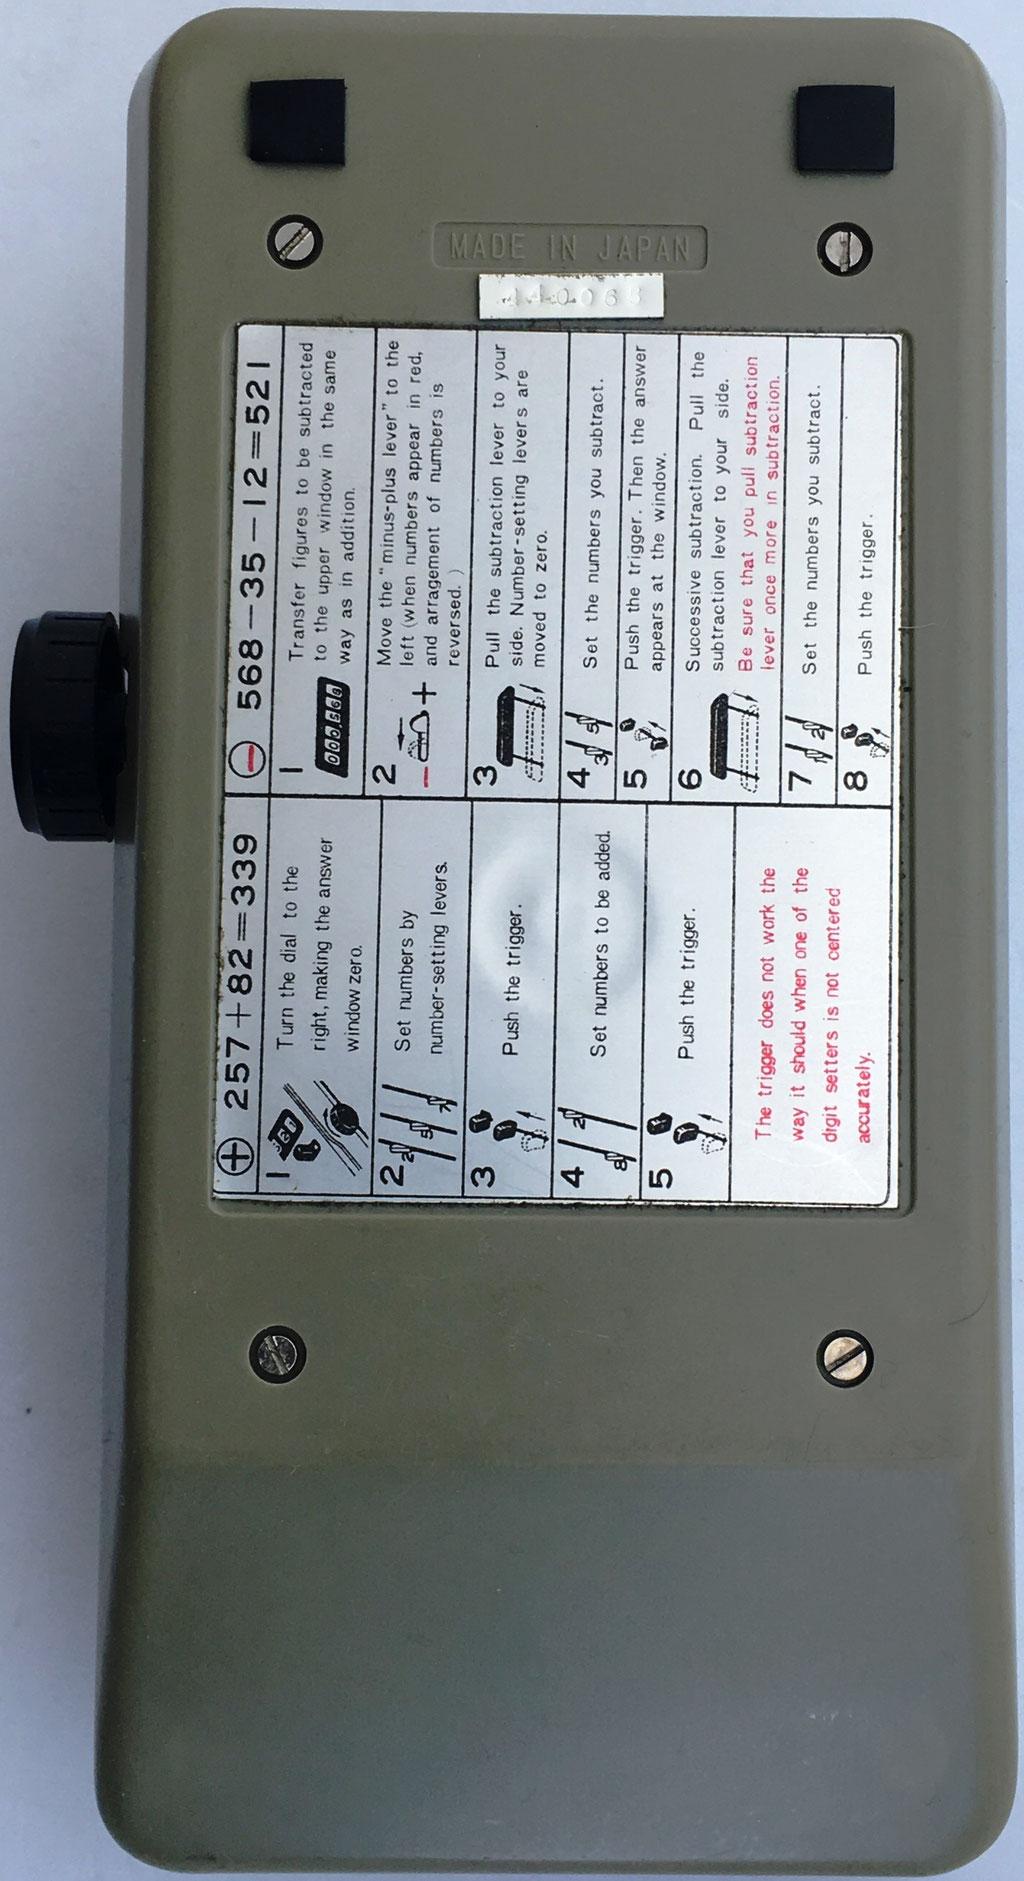 Reverso de la sumadora BEAVER con esquema de instrucciones de uso y número de serie